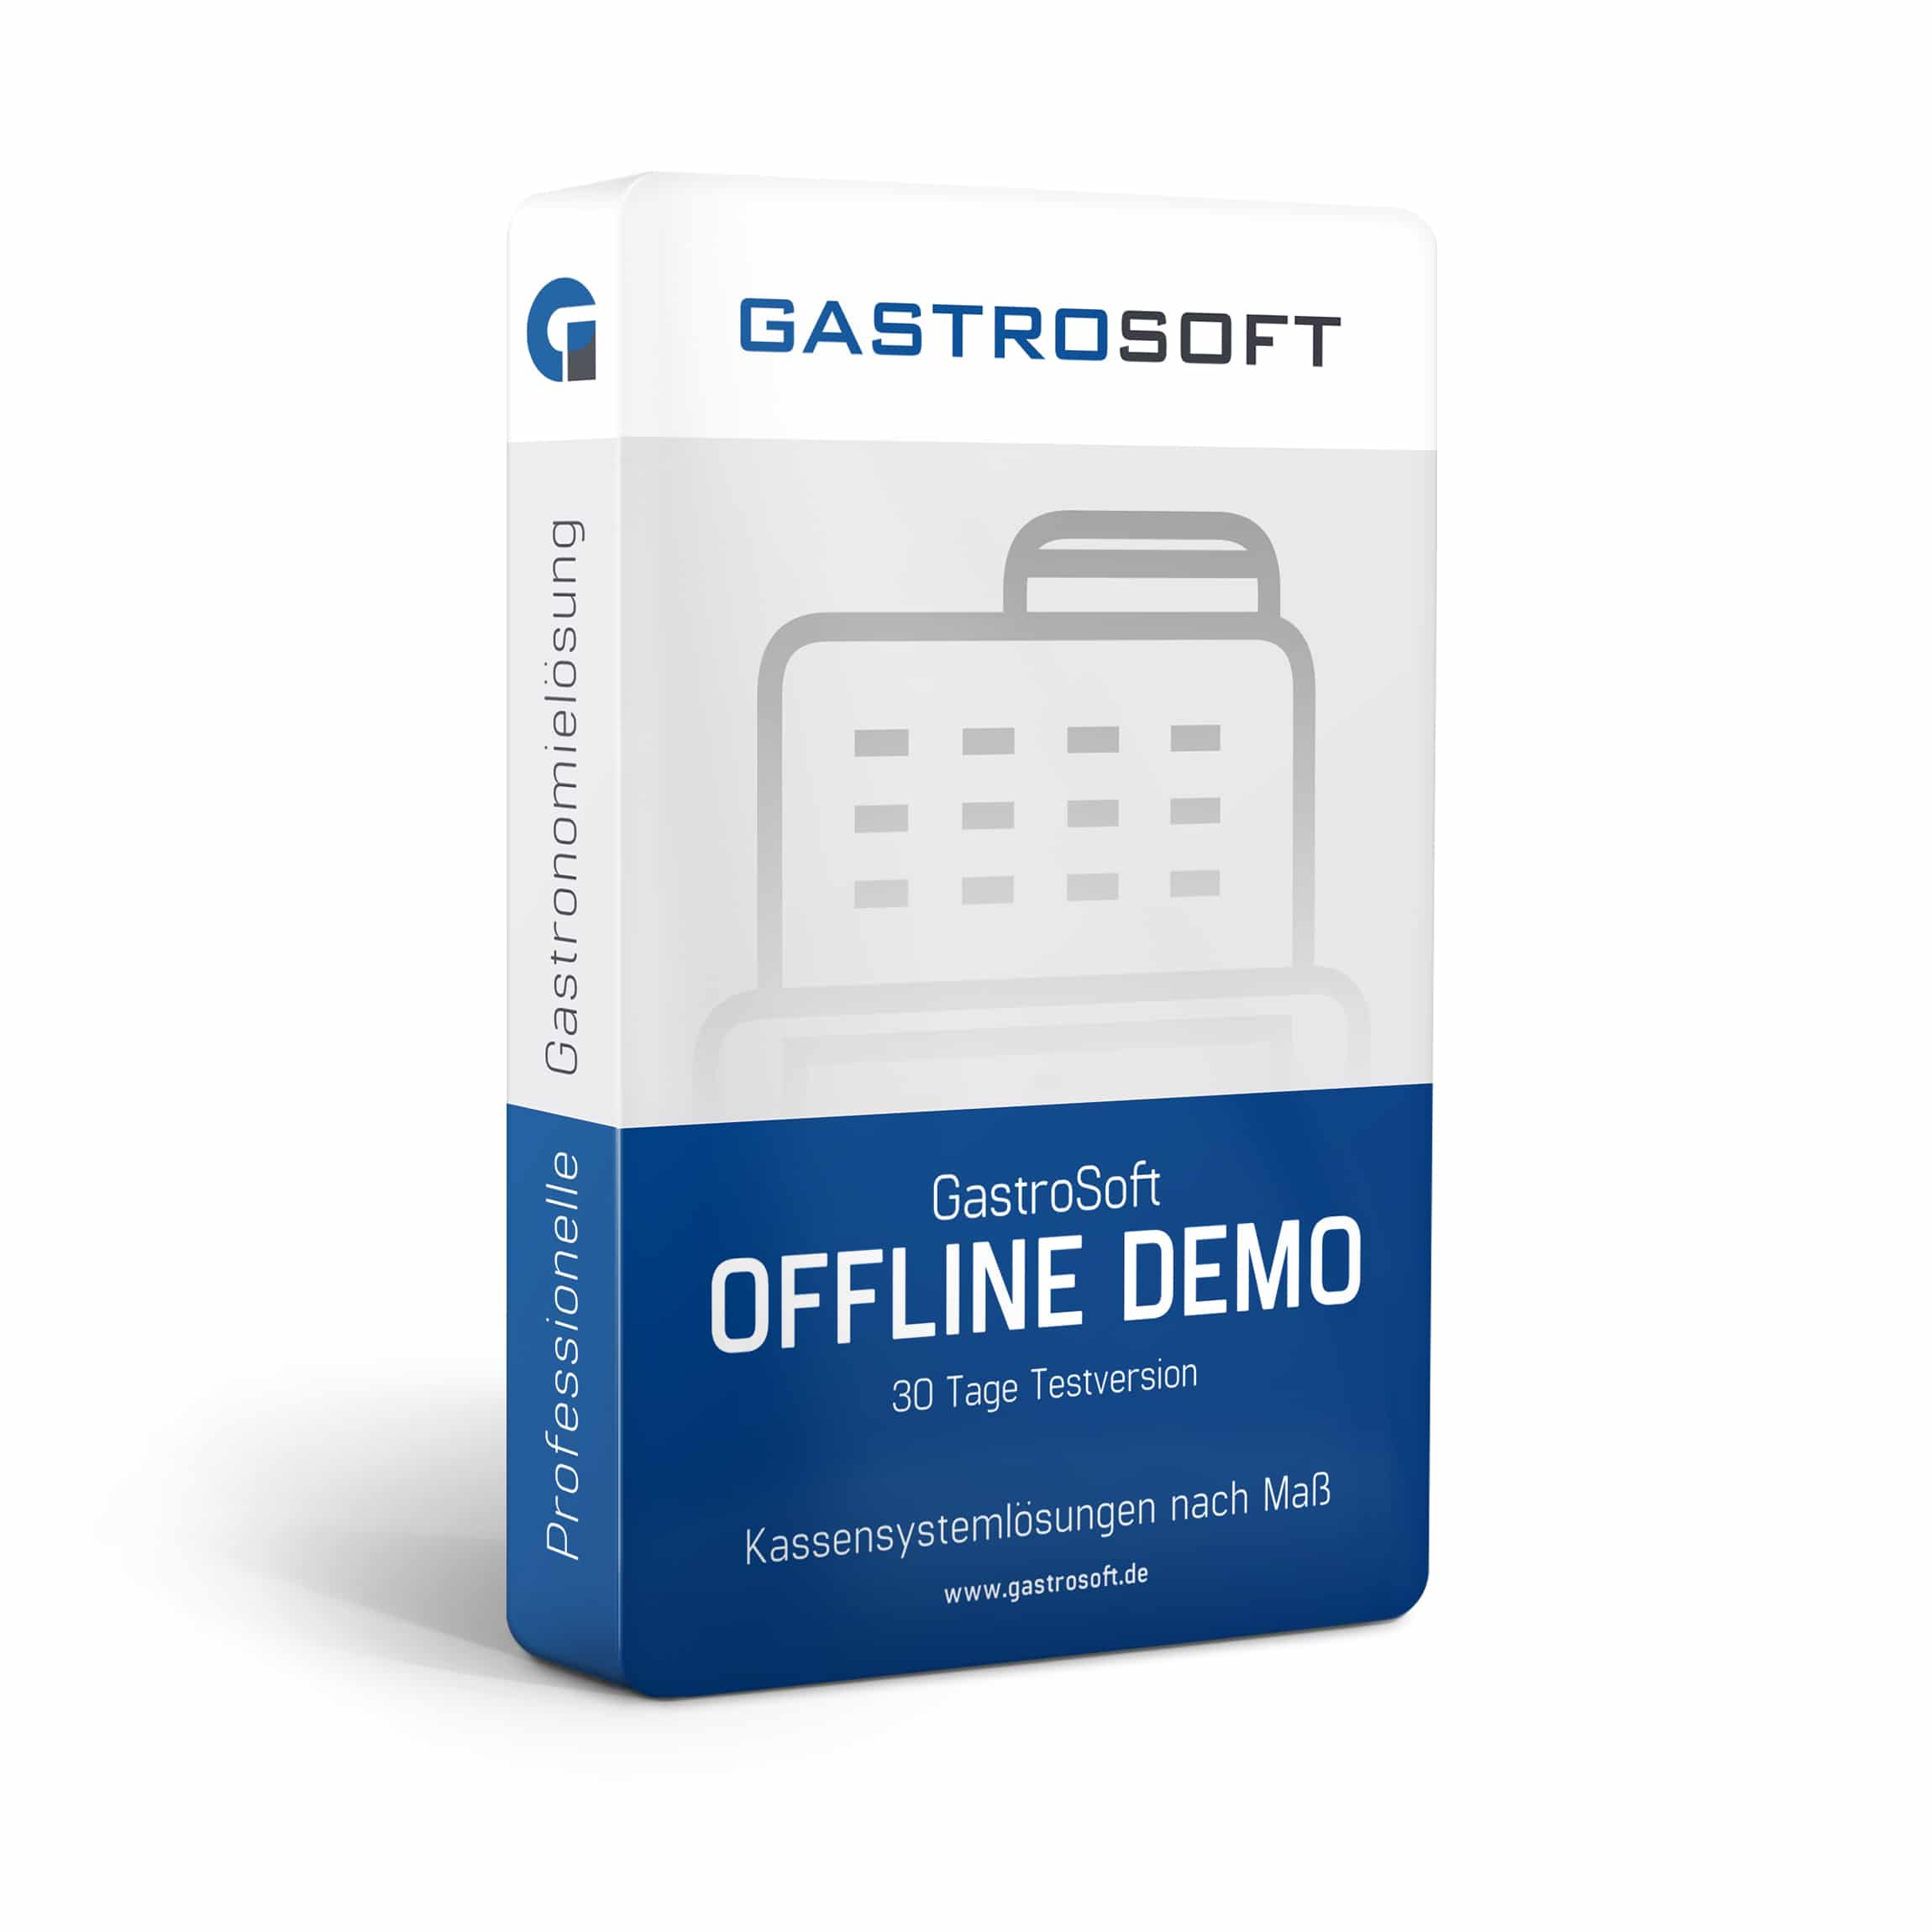 Verpackung einer professionellen Kassensoftwarelösung, 30-Tage-Testversion, Kassensoftware - GastroSoft Offline Demo